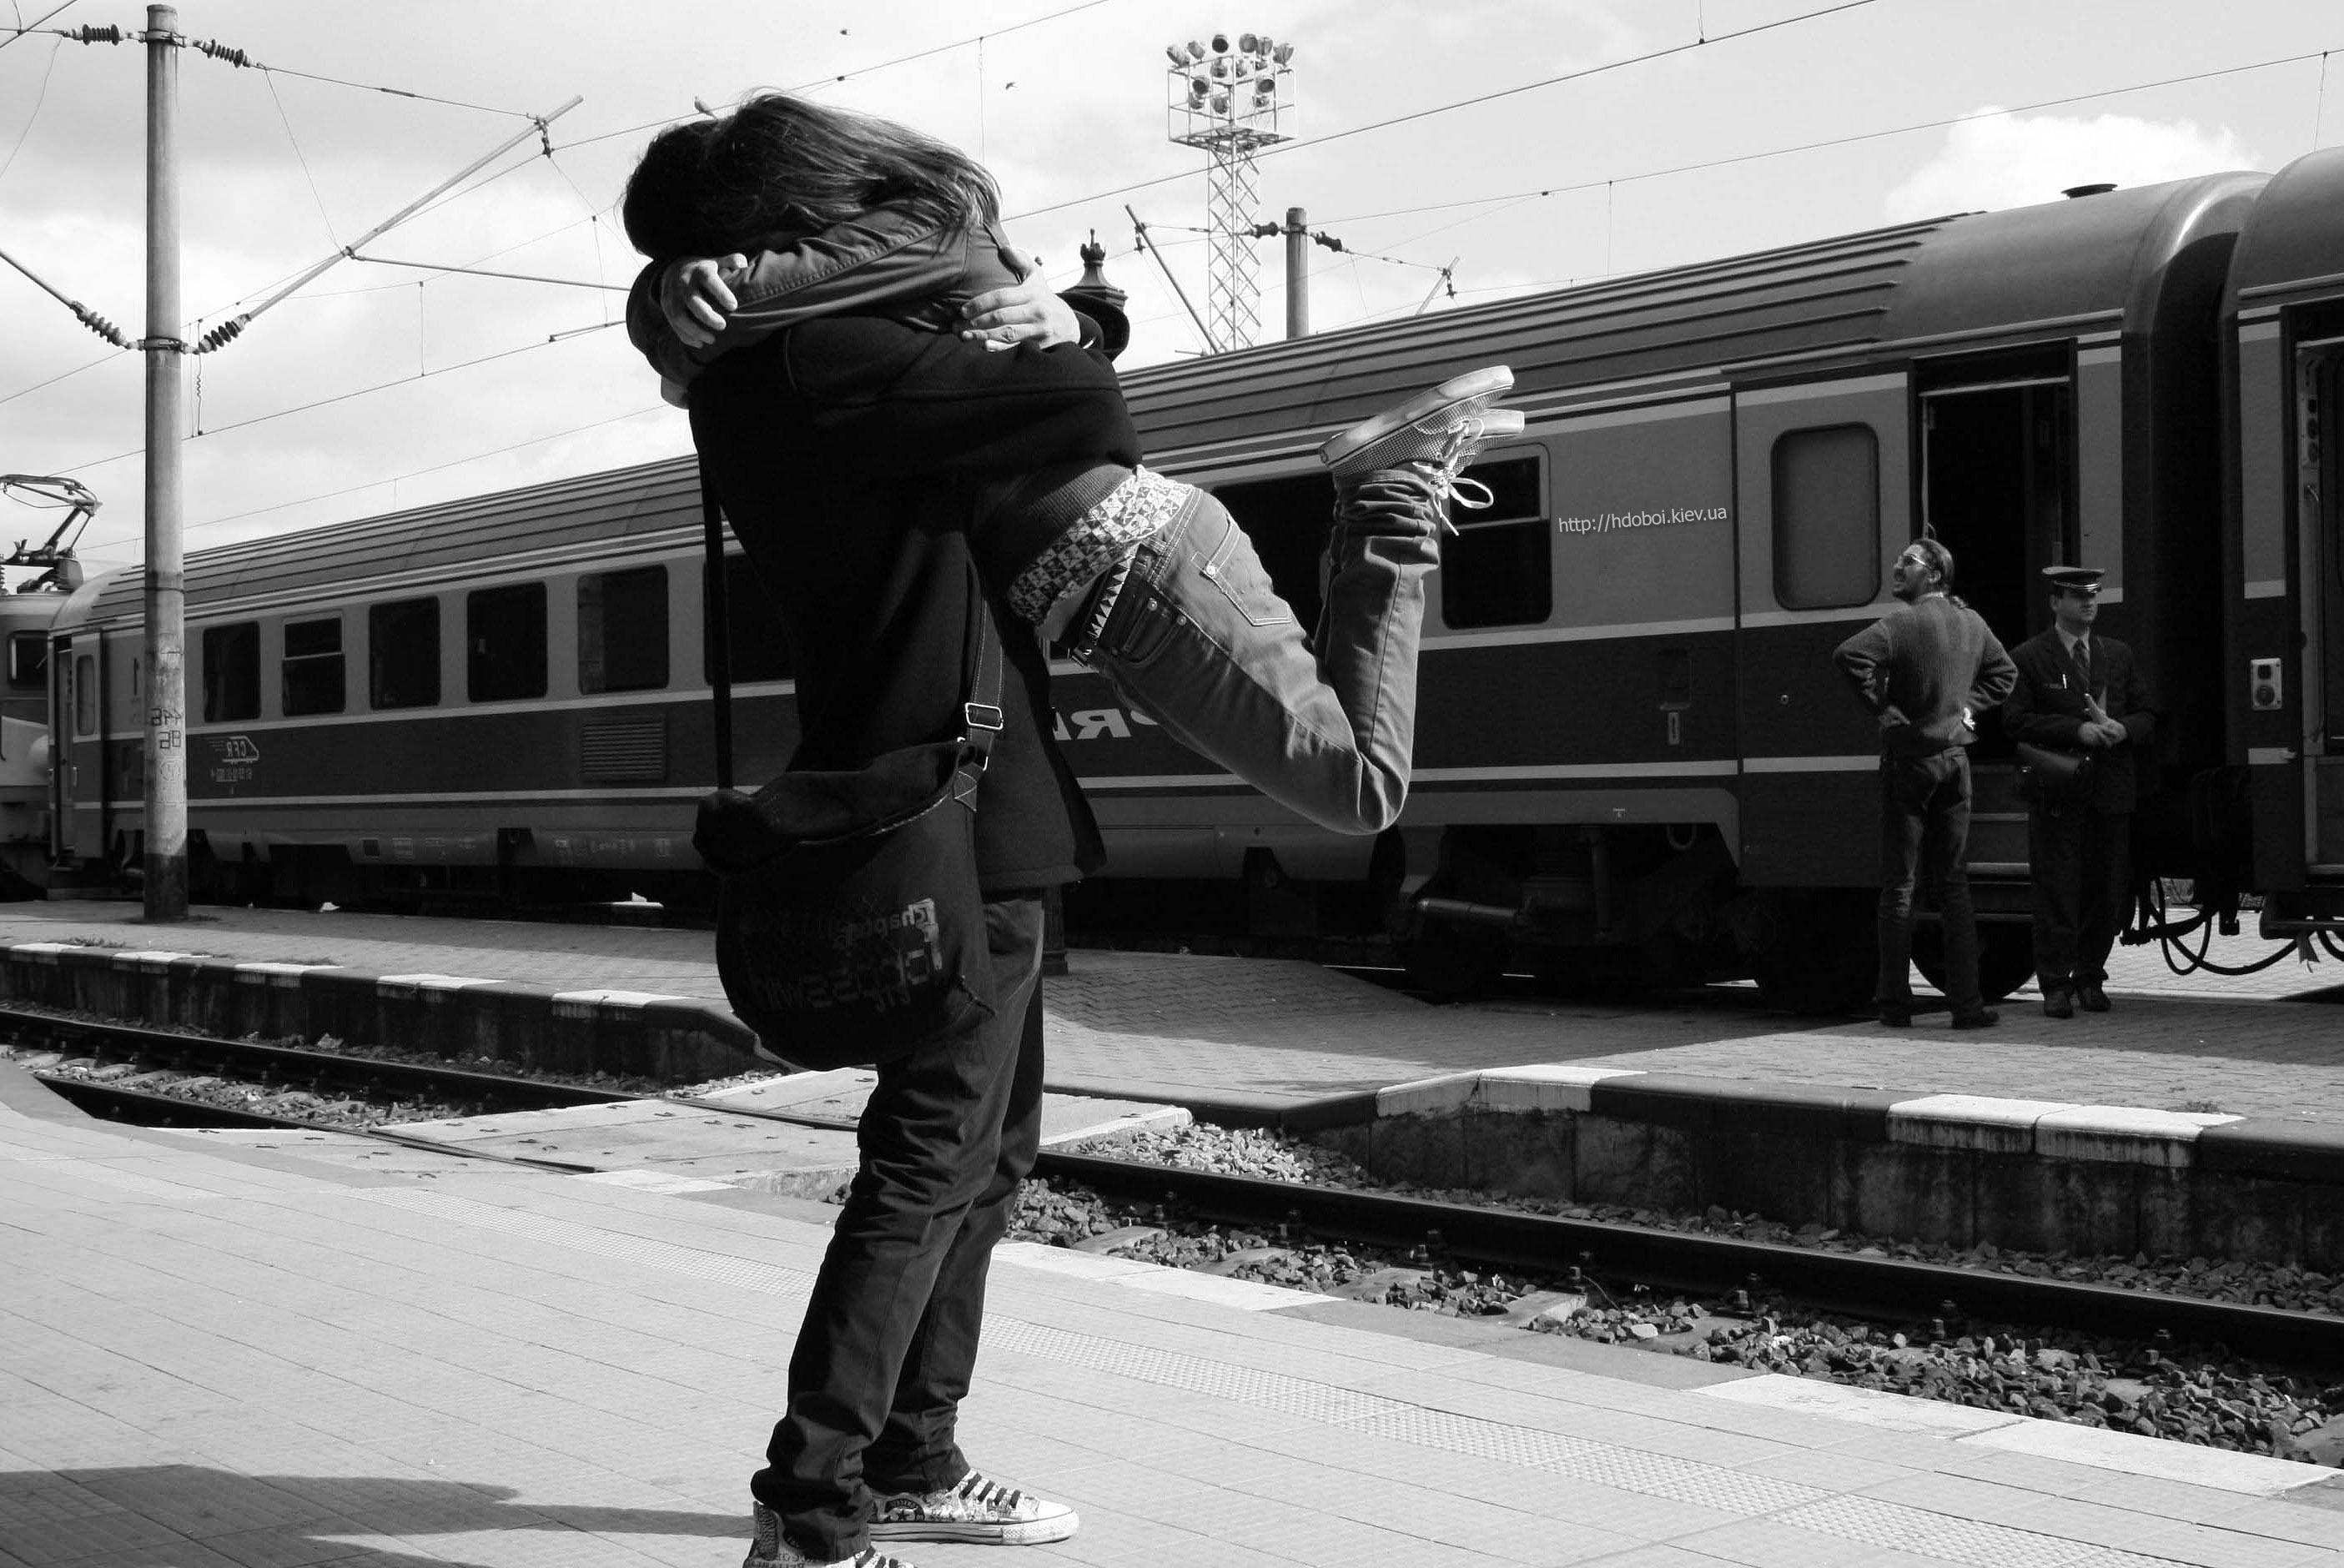 HDoboi.Kiev.ua - Парень и девушка на вокзале черно белое фото